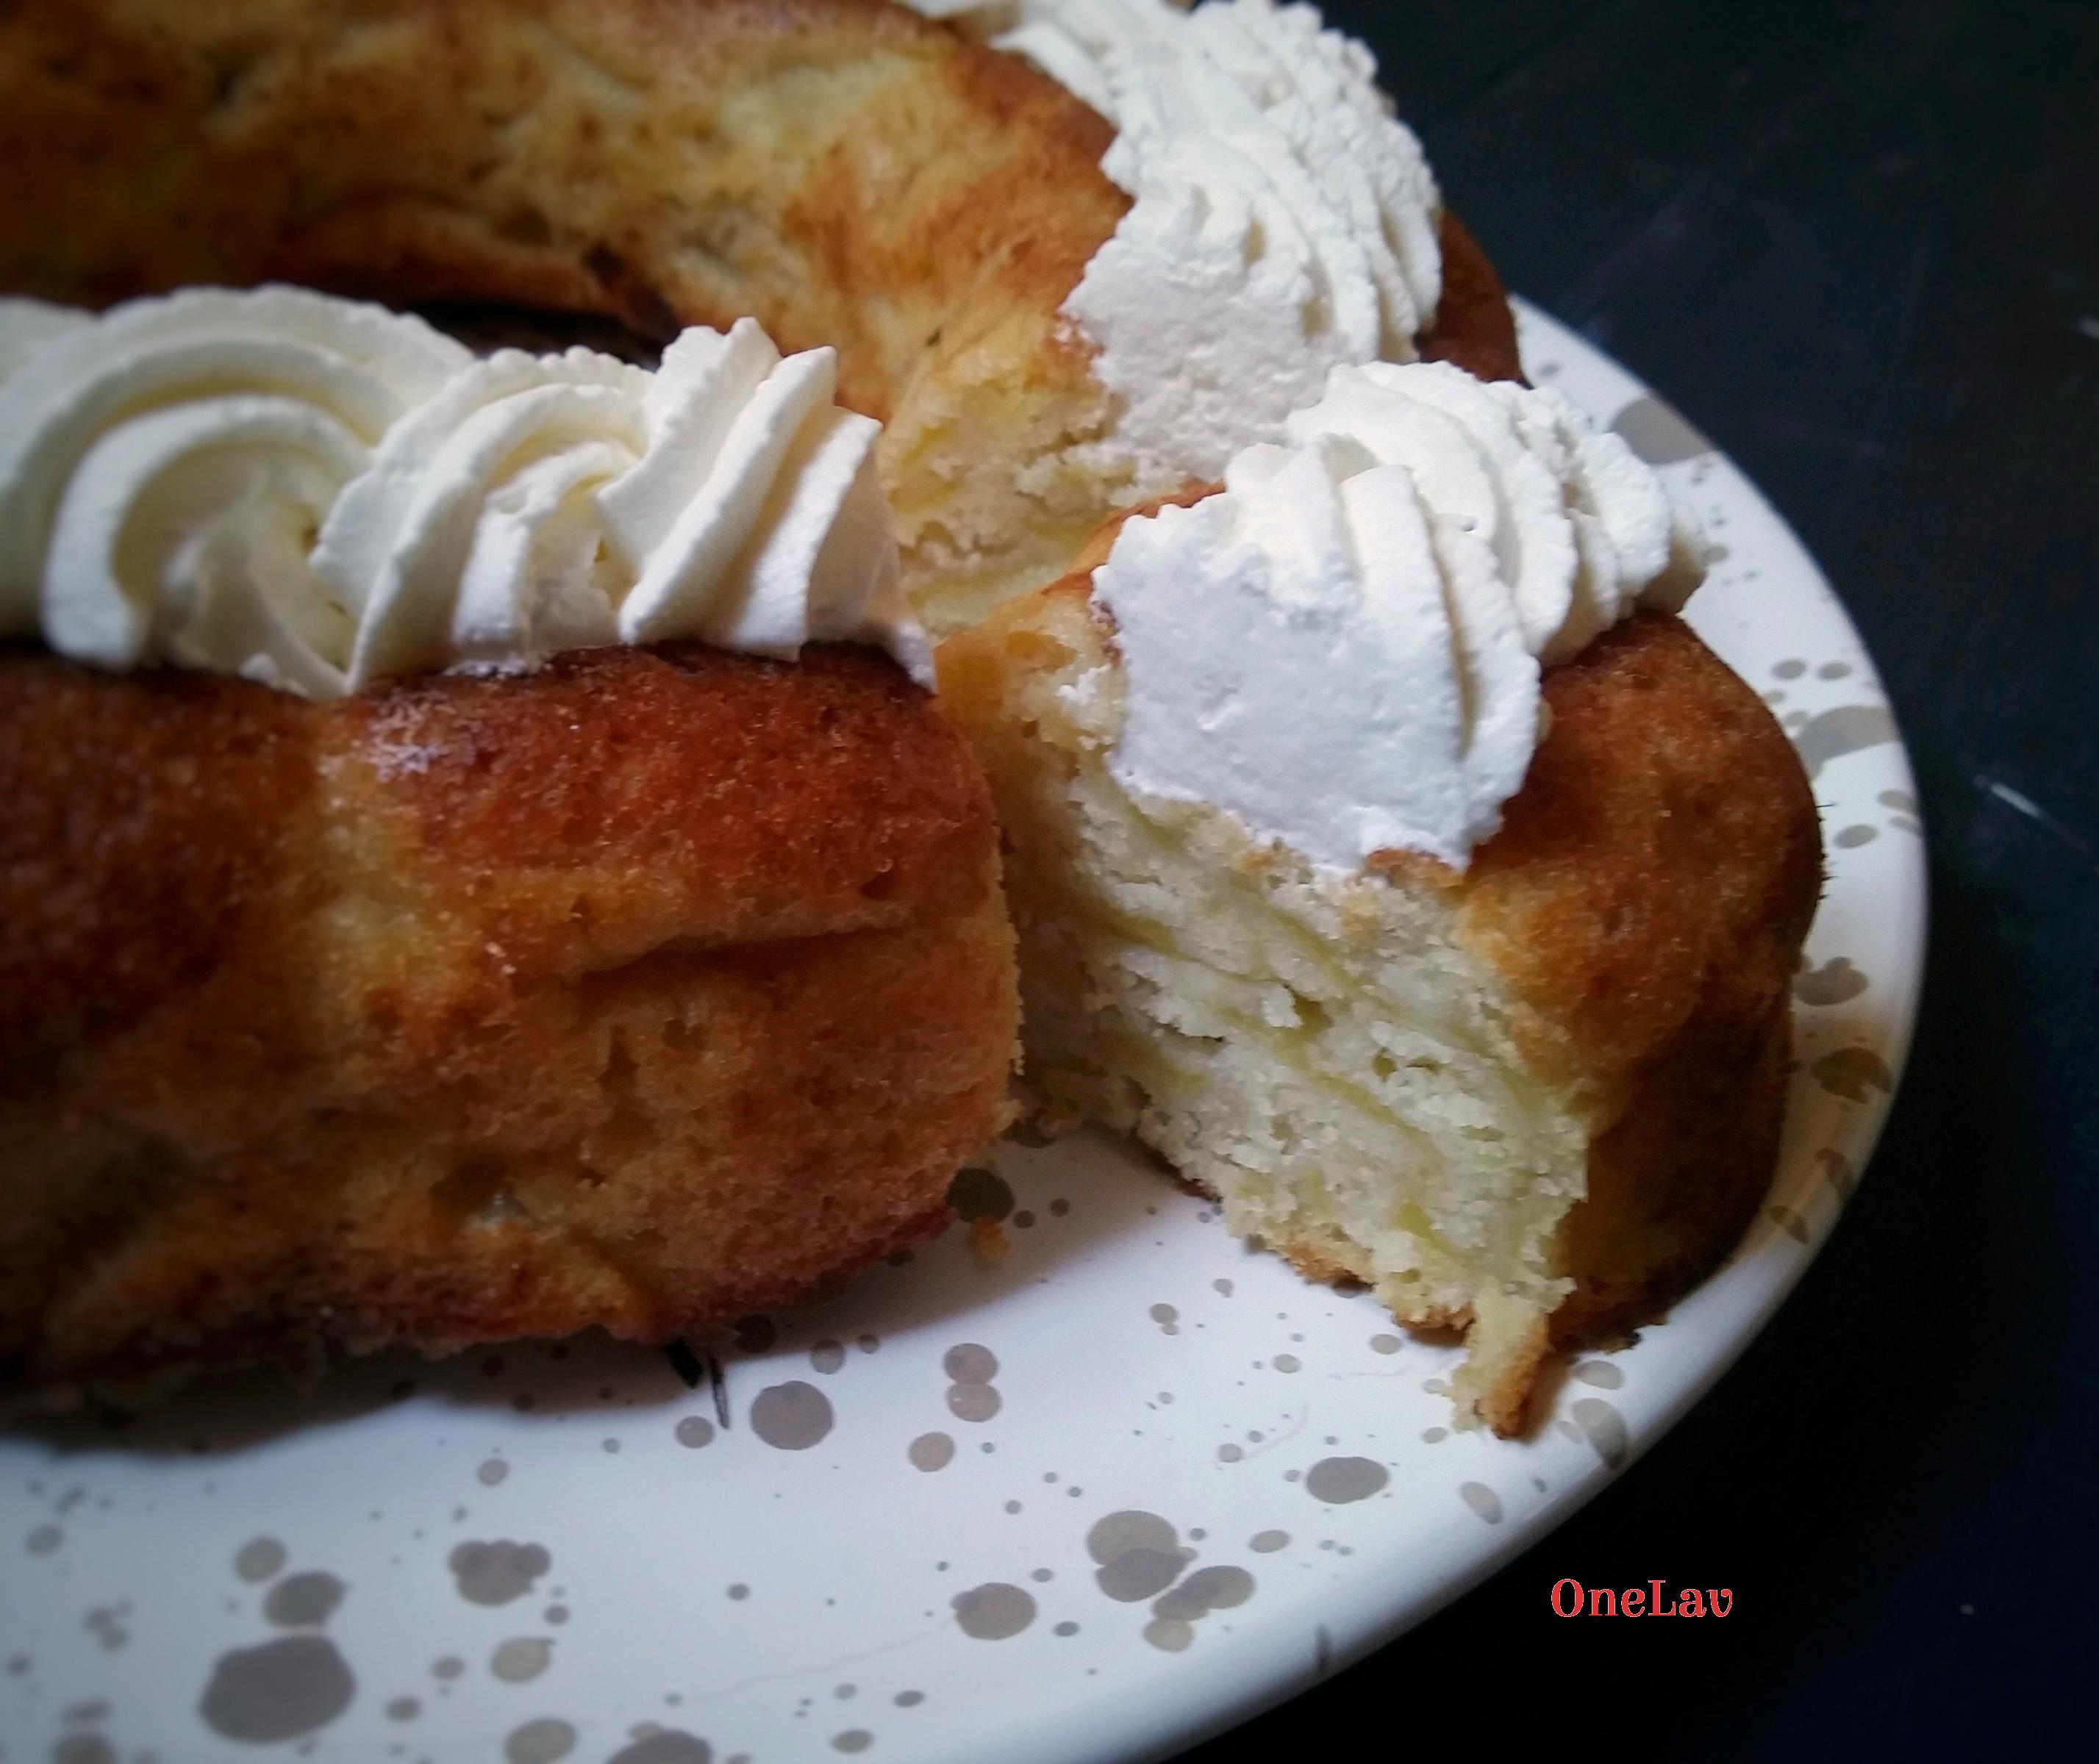 Cheesecake yogurt greco e ricotta senza cottura | OneLav